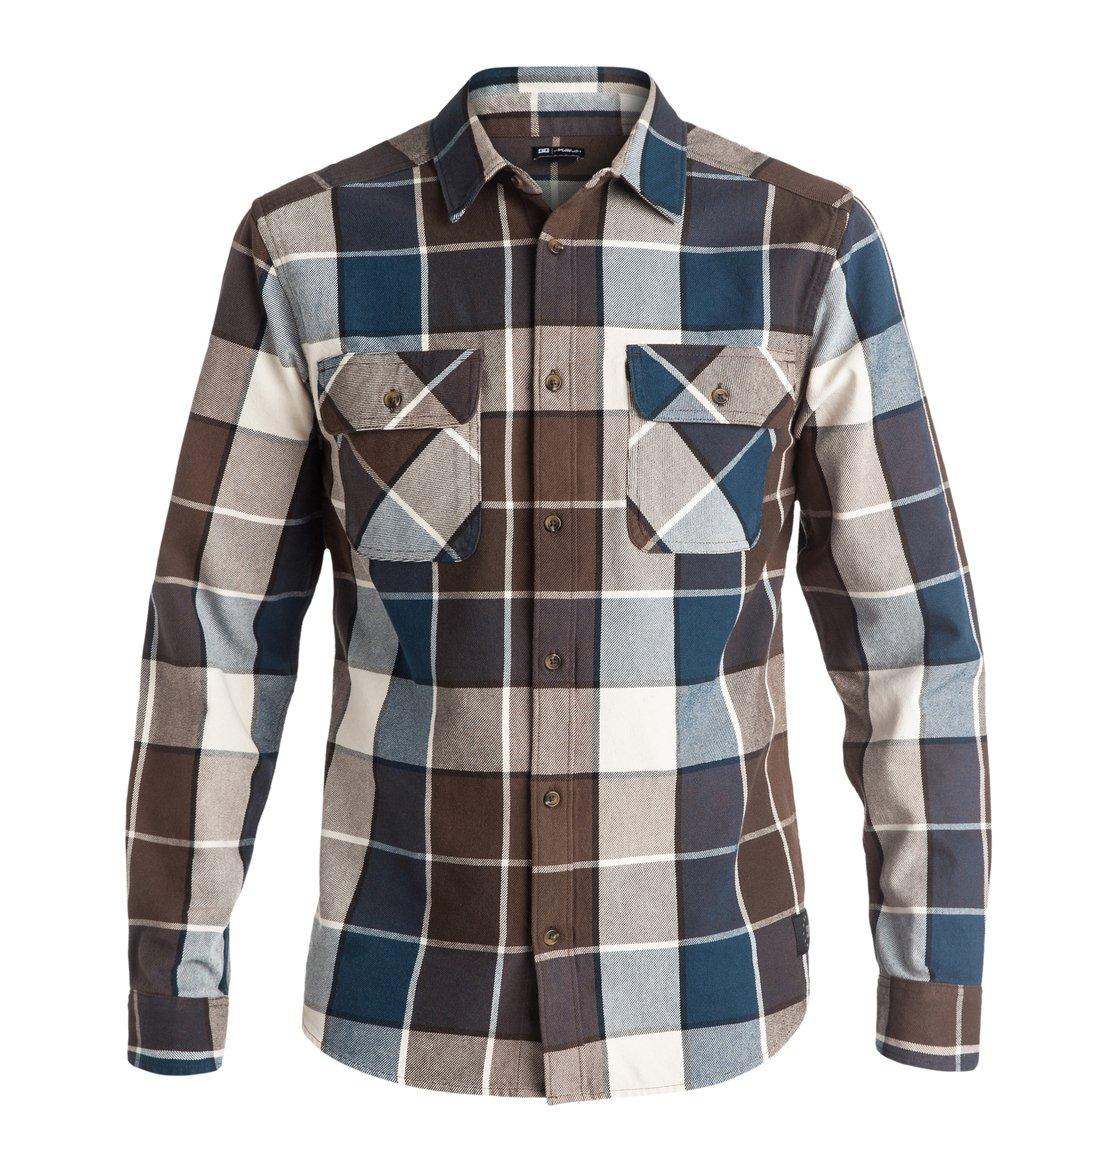 Здесь можно купить   Kalis Plaid - Long Sleeve Shirt Новые поступления